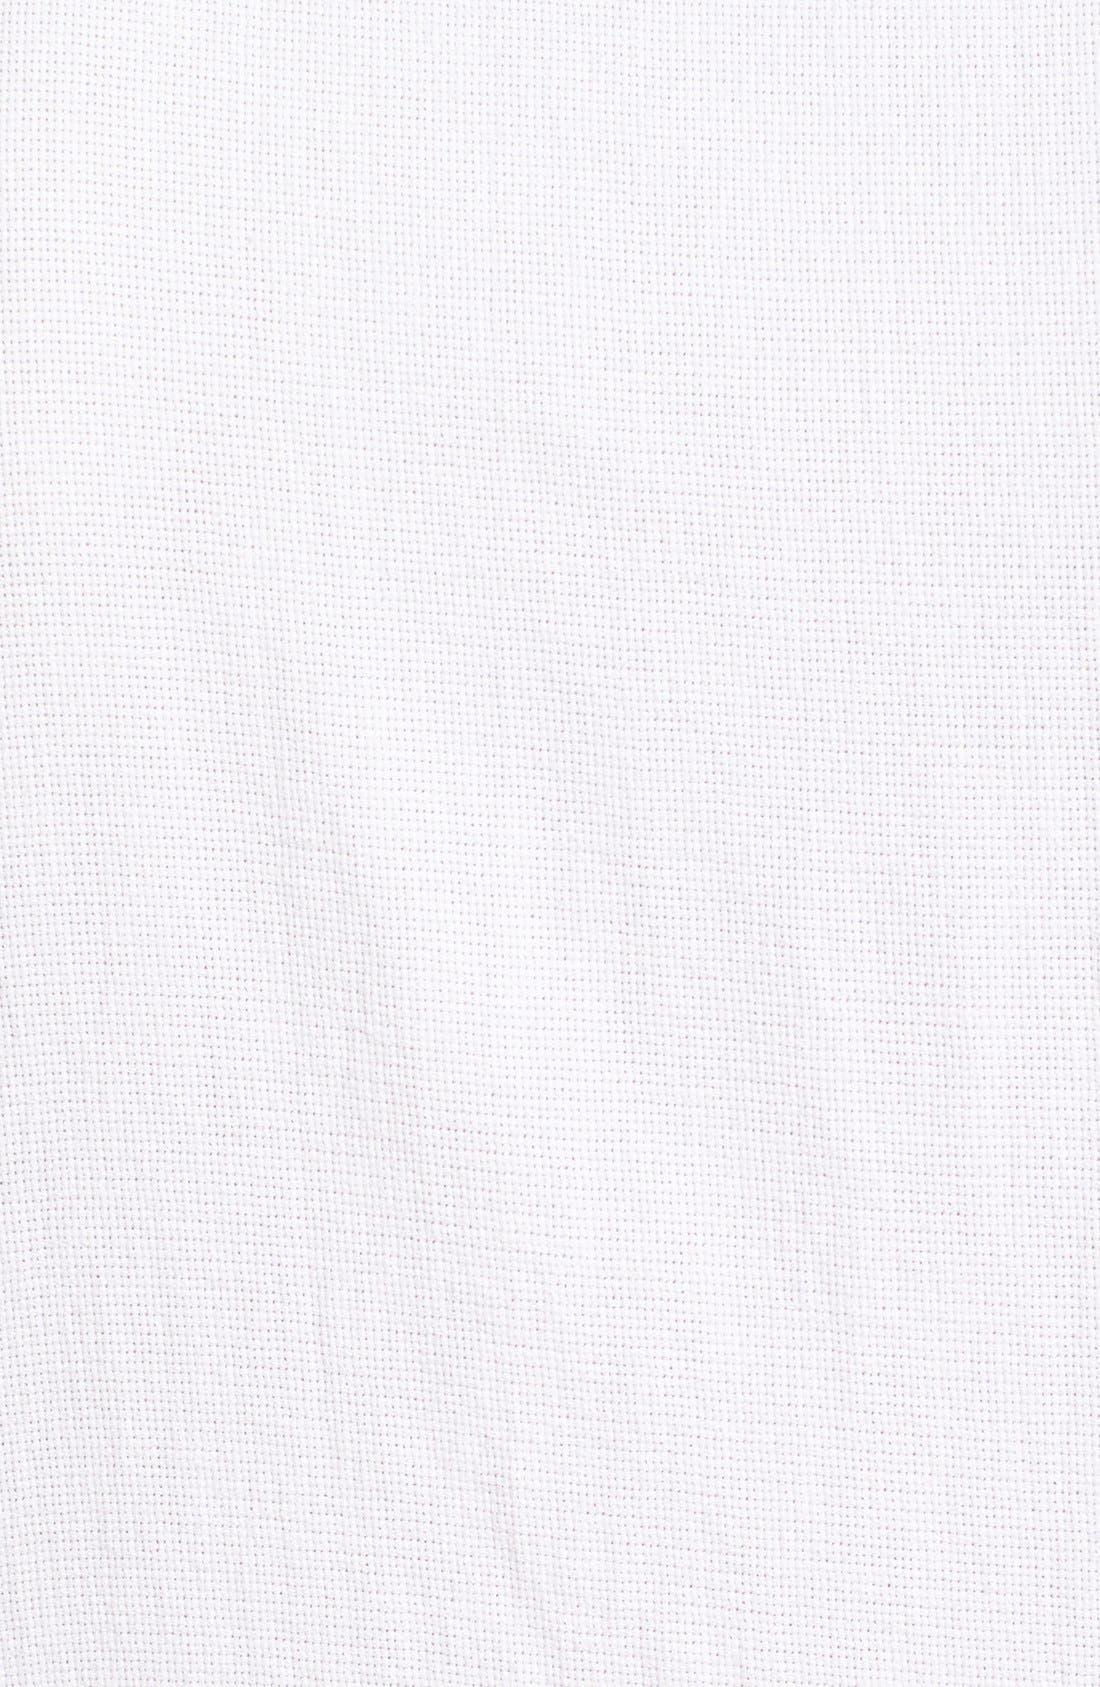 'Highland' Regular Fit Short Sleeve Woven Shirt,                             Alternate thumbnail 5, color,                             White